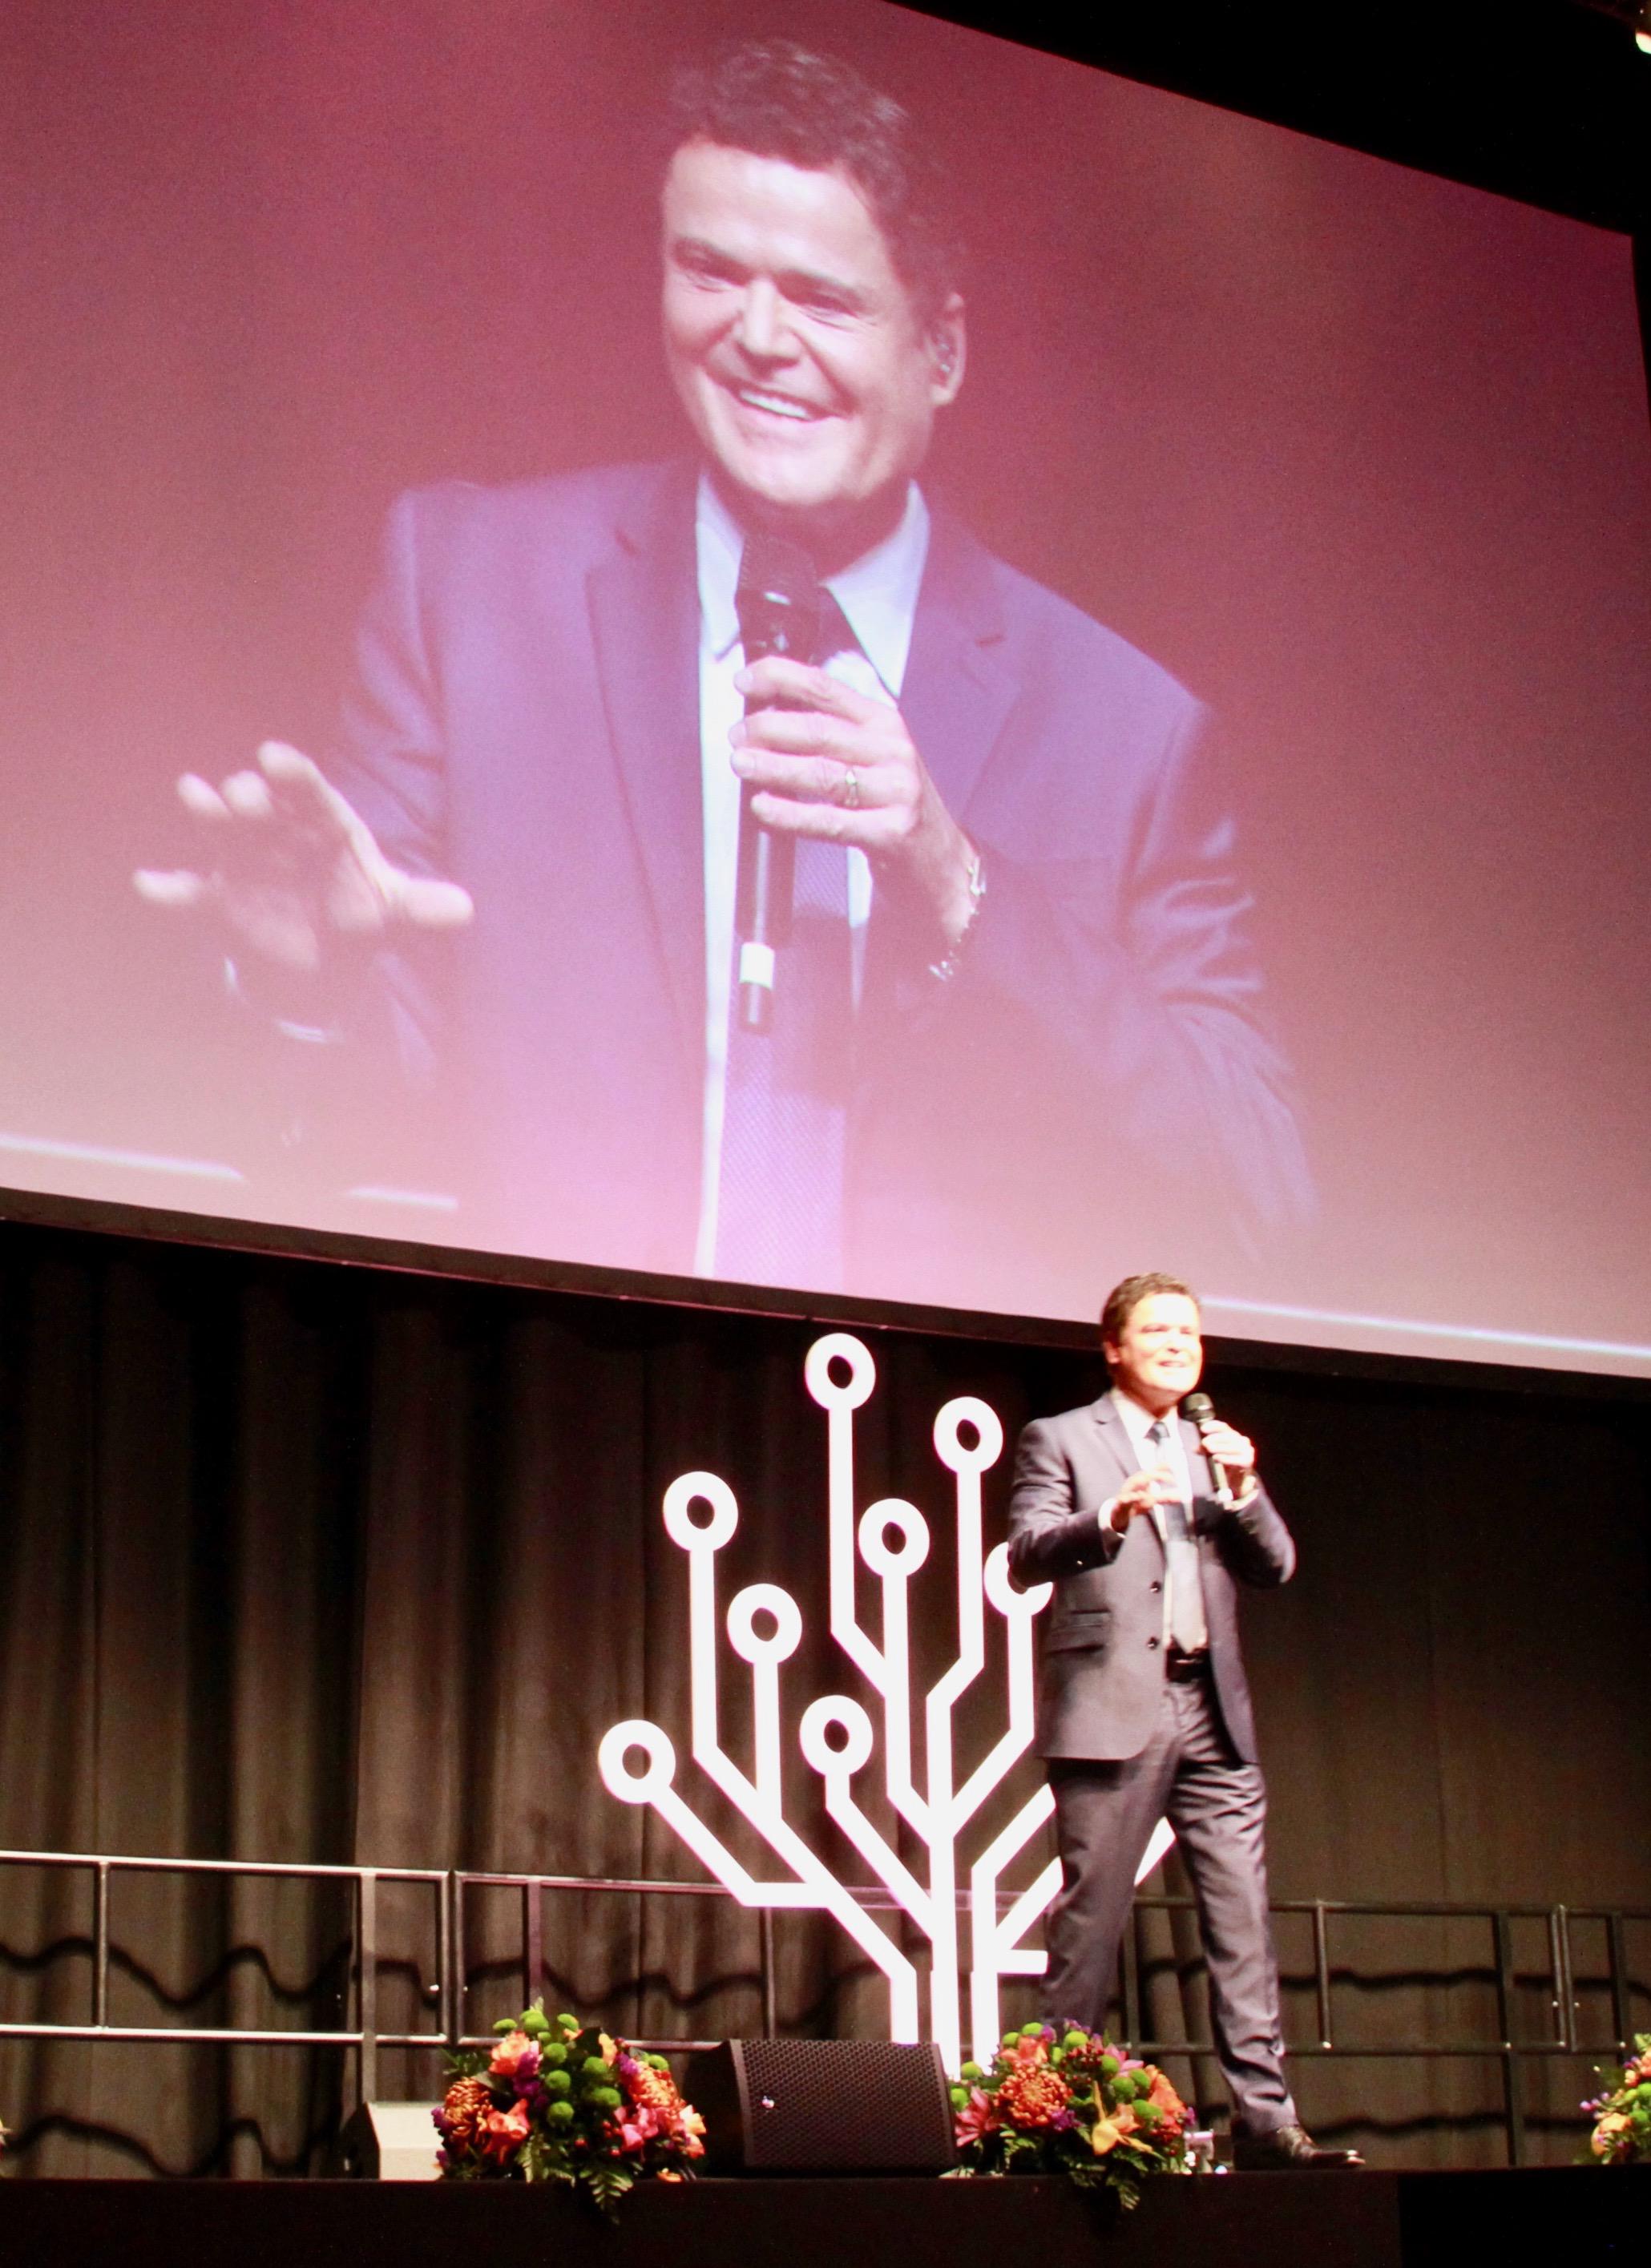 Donny Osmond entretiene a la multitud del auditorio London ExCel durante el evento RootsTech Londres, el sábado 26 de octubre de 2019.